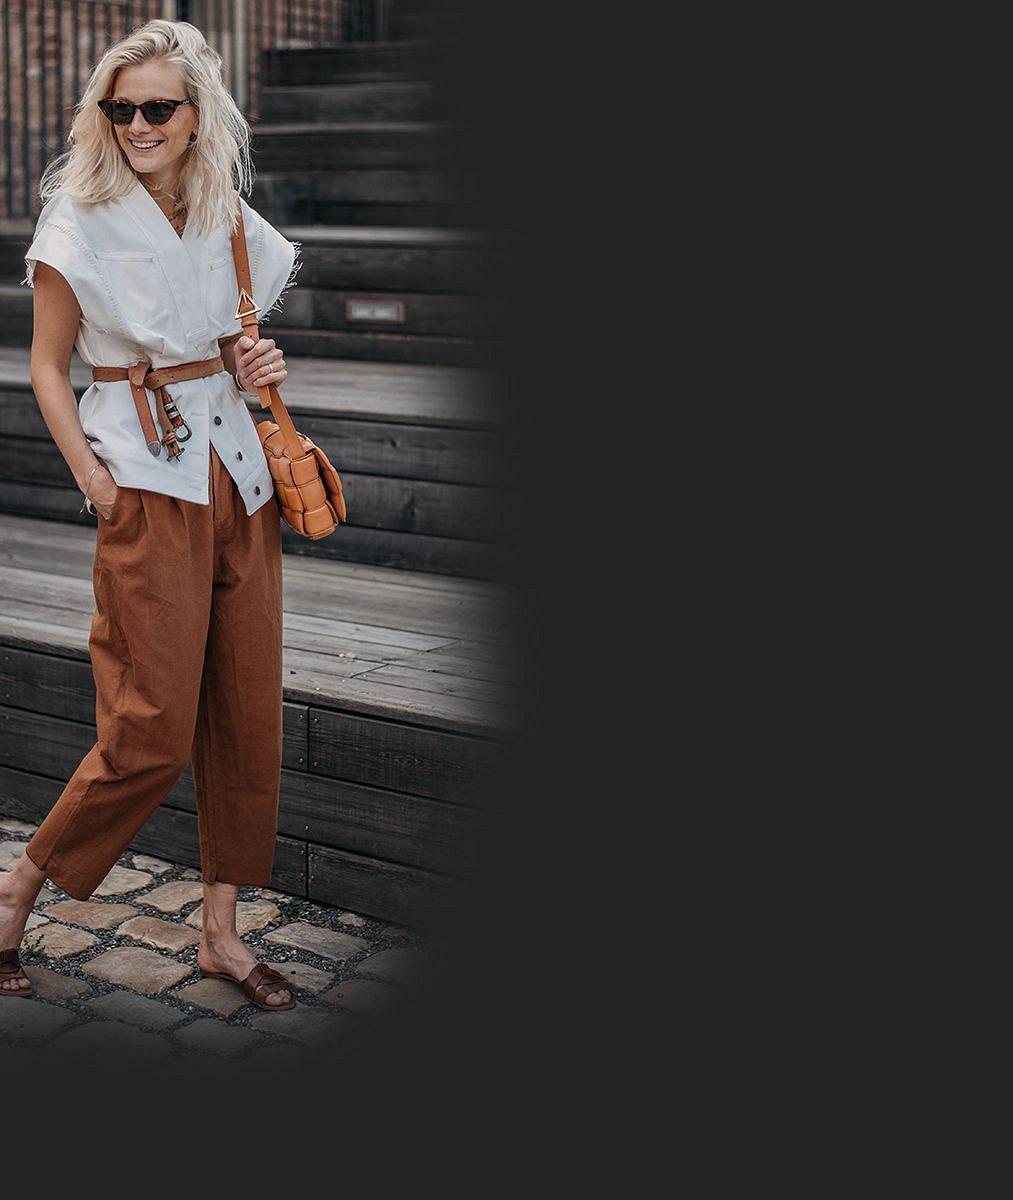 Jedna znejúspěšnějších českých topmodelek odmítla předvádět na týdnu módy. Teď je zní influencerka